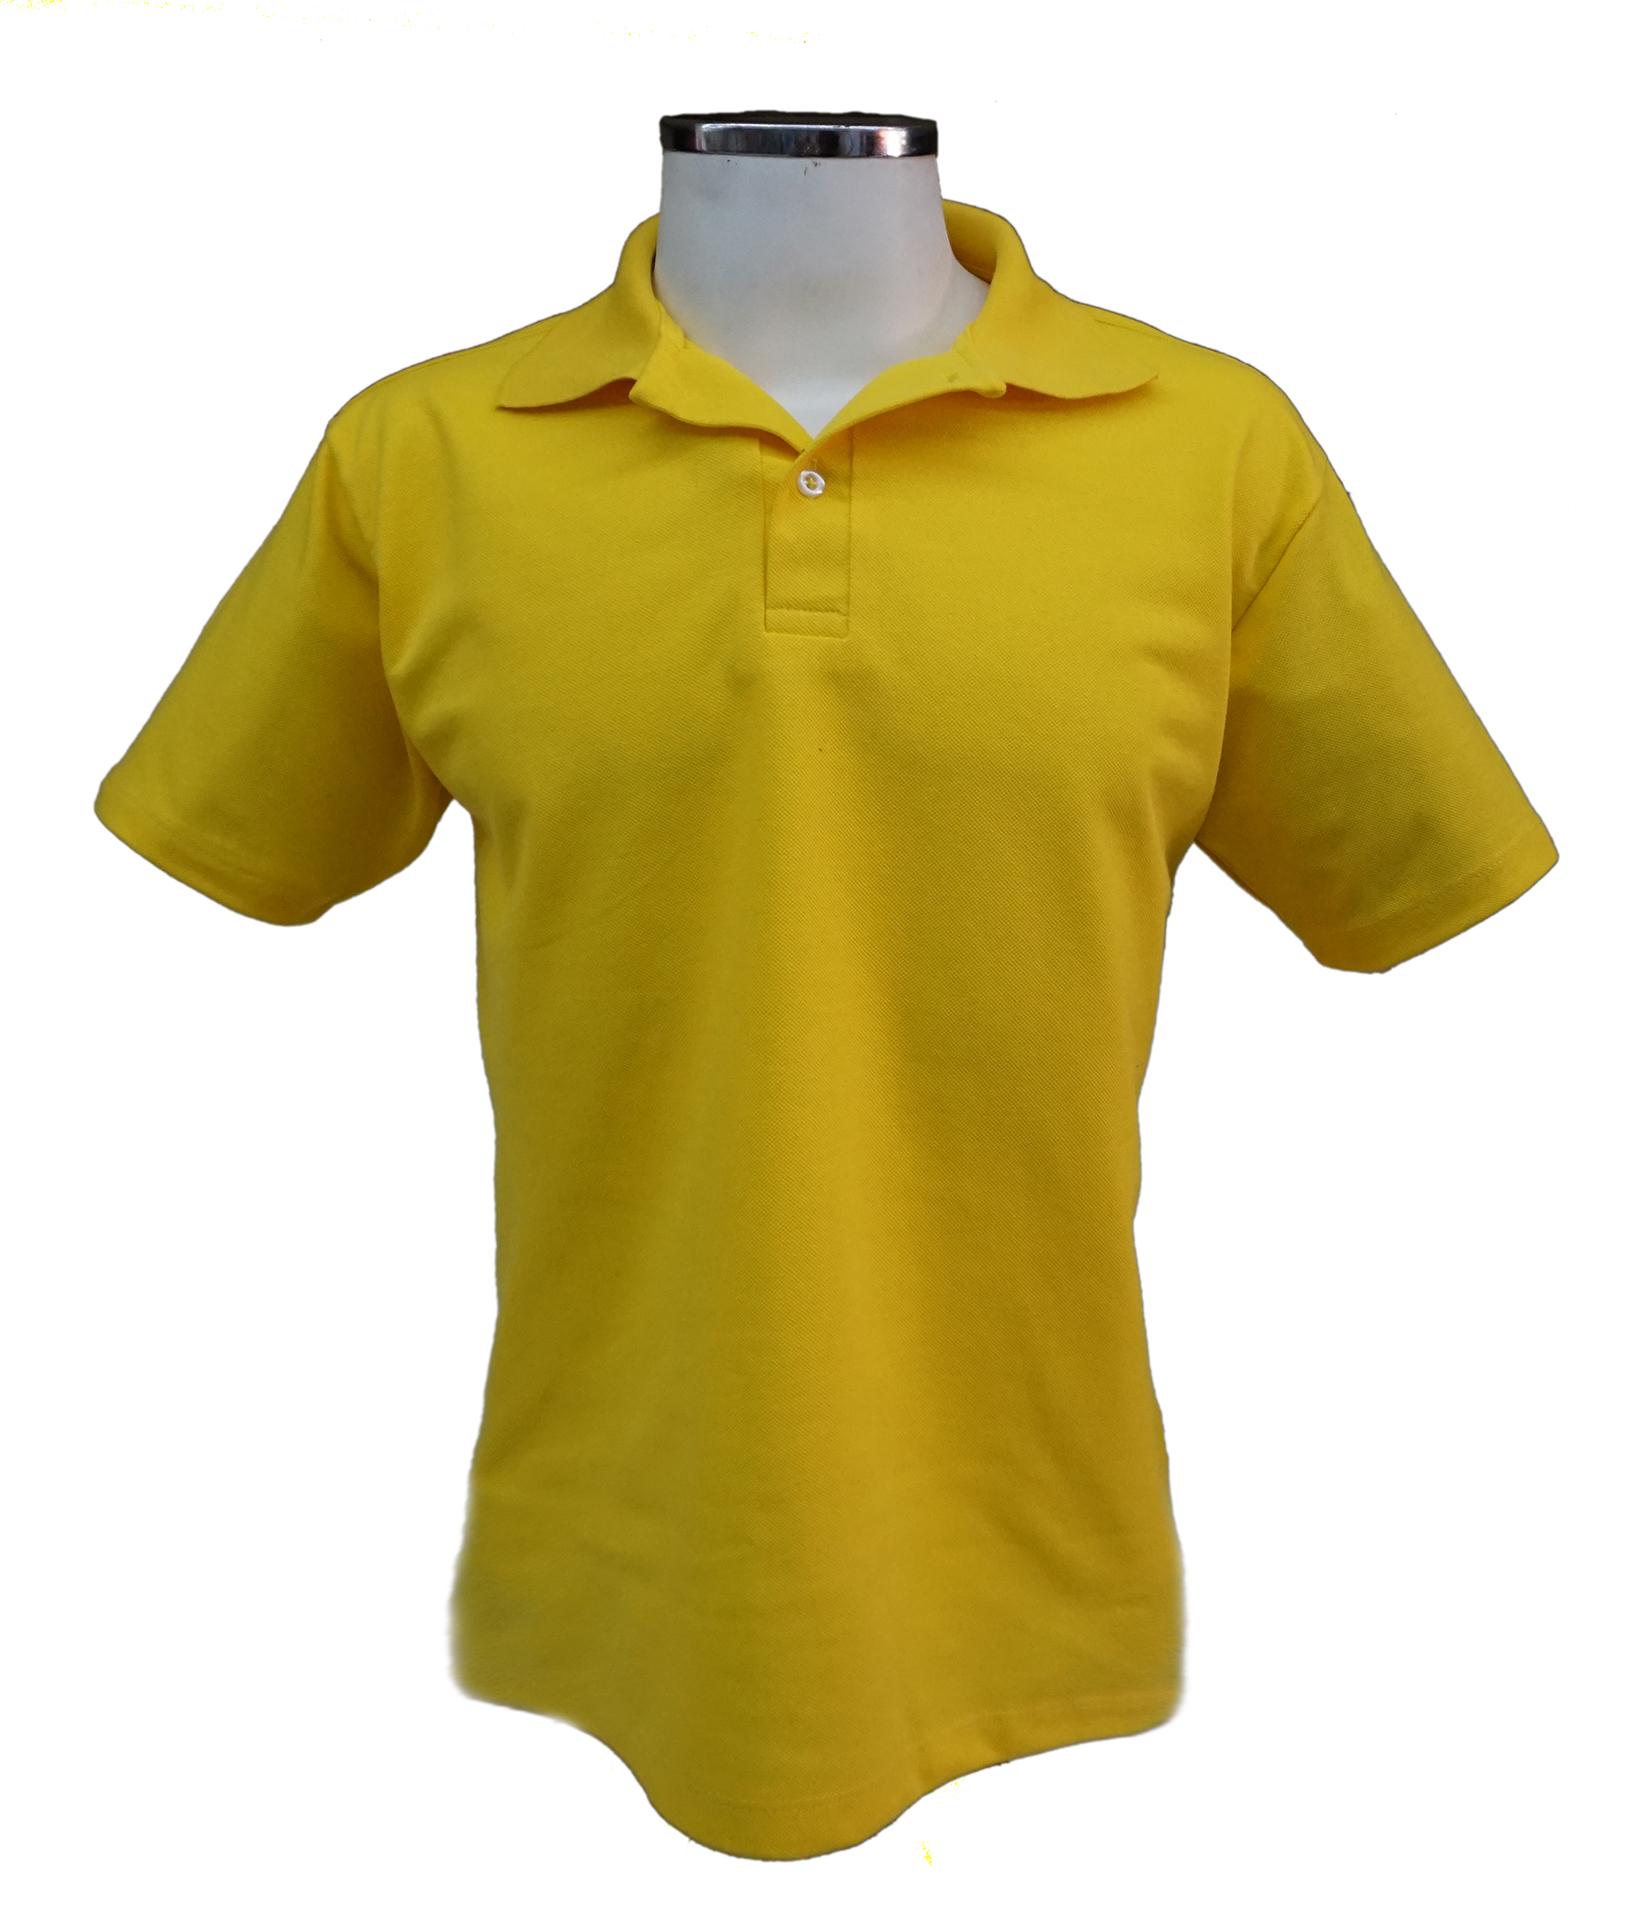 Amarelo 3543 frente